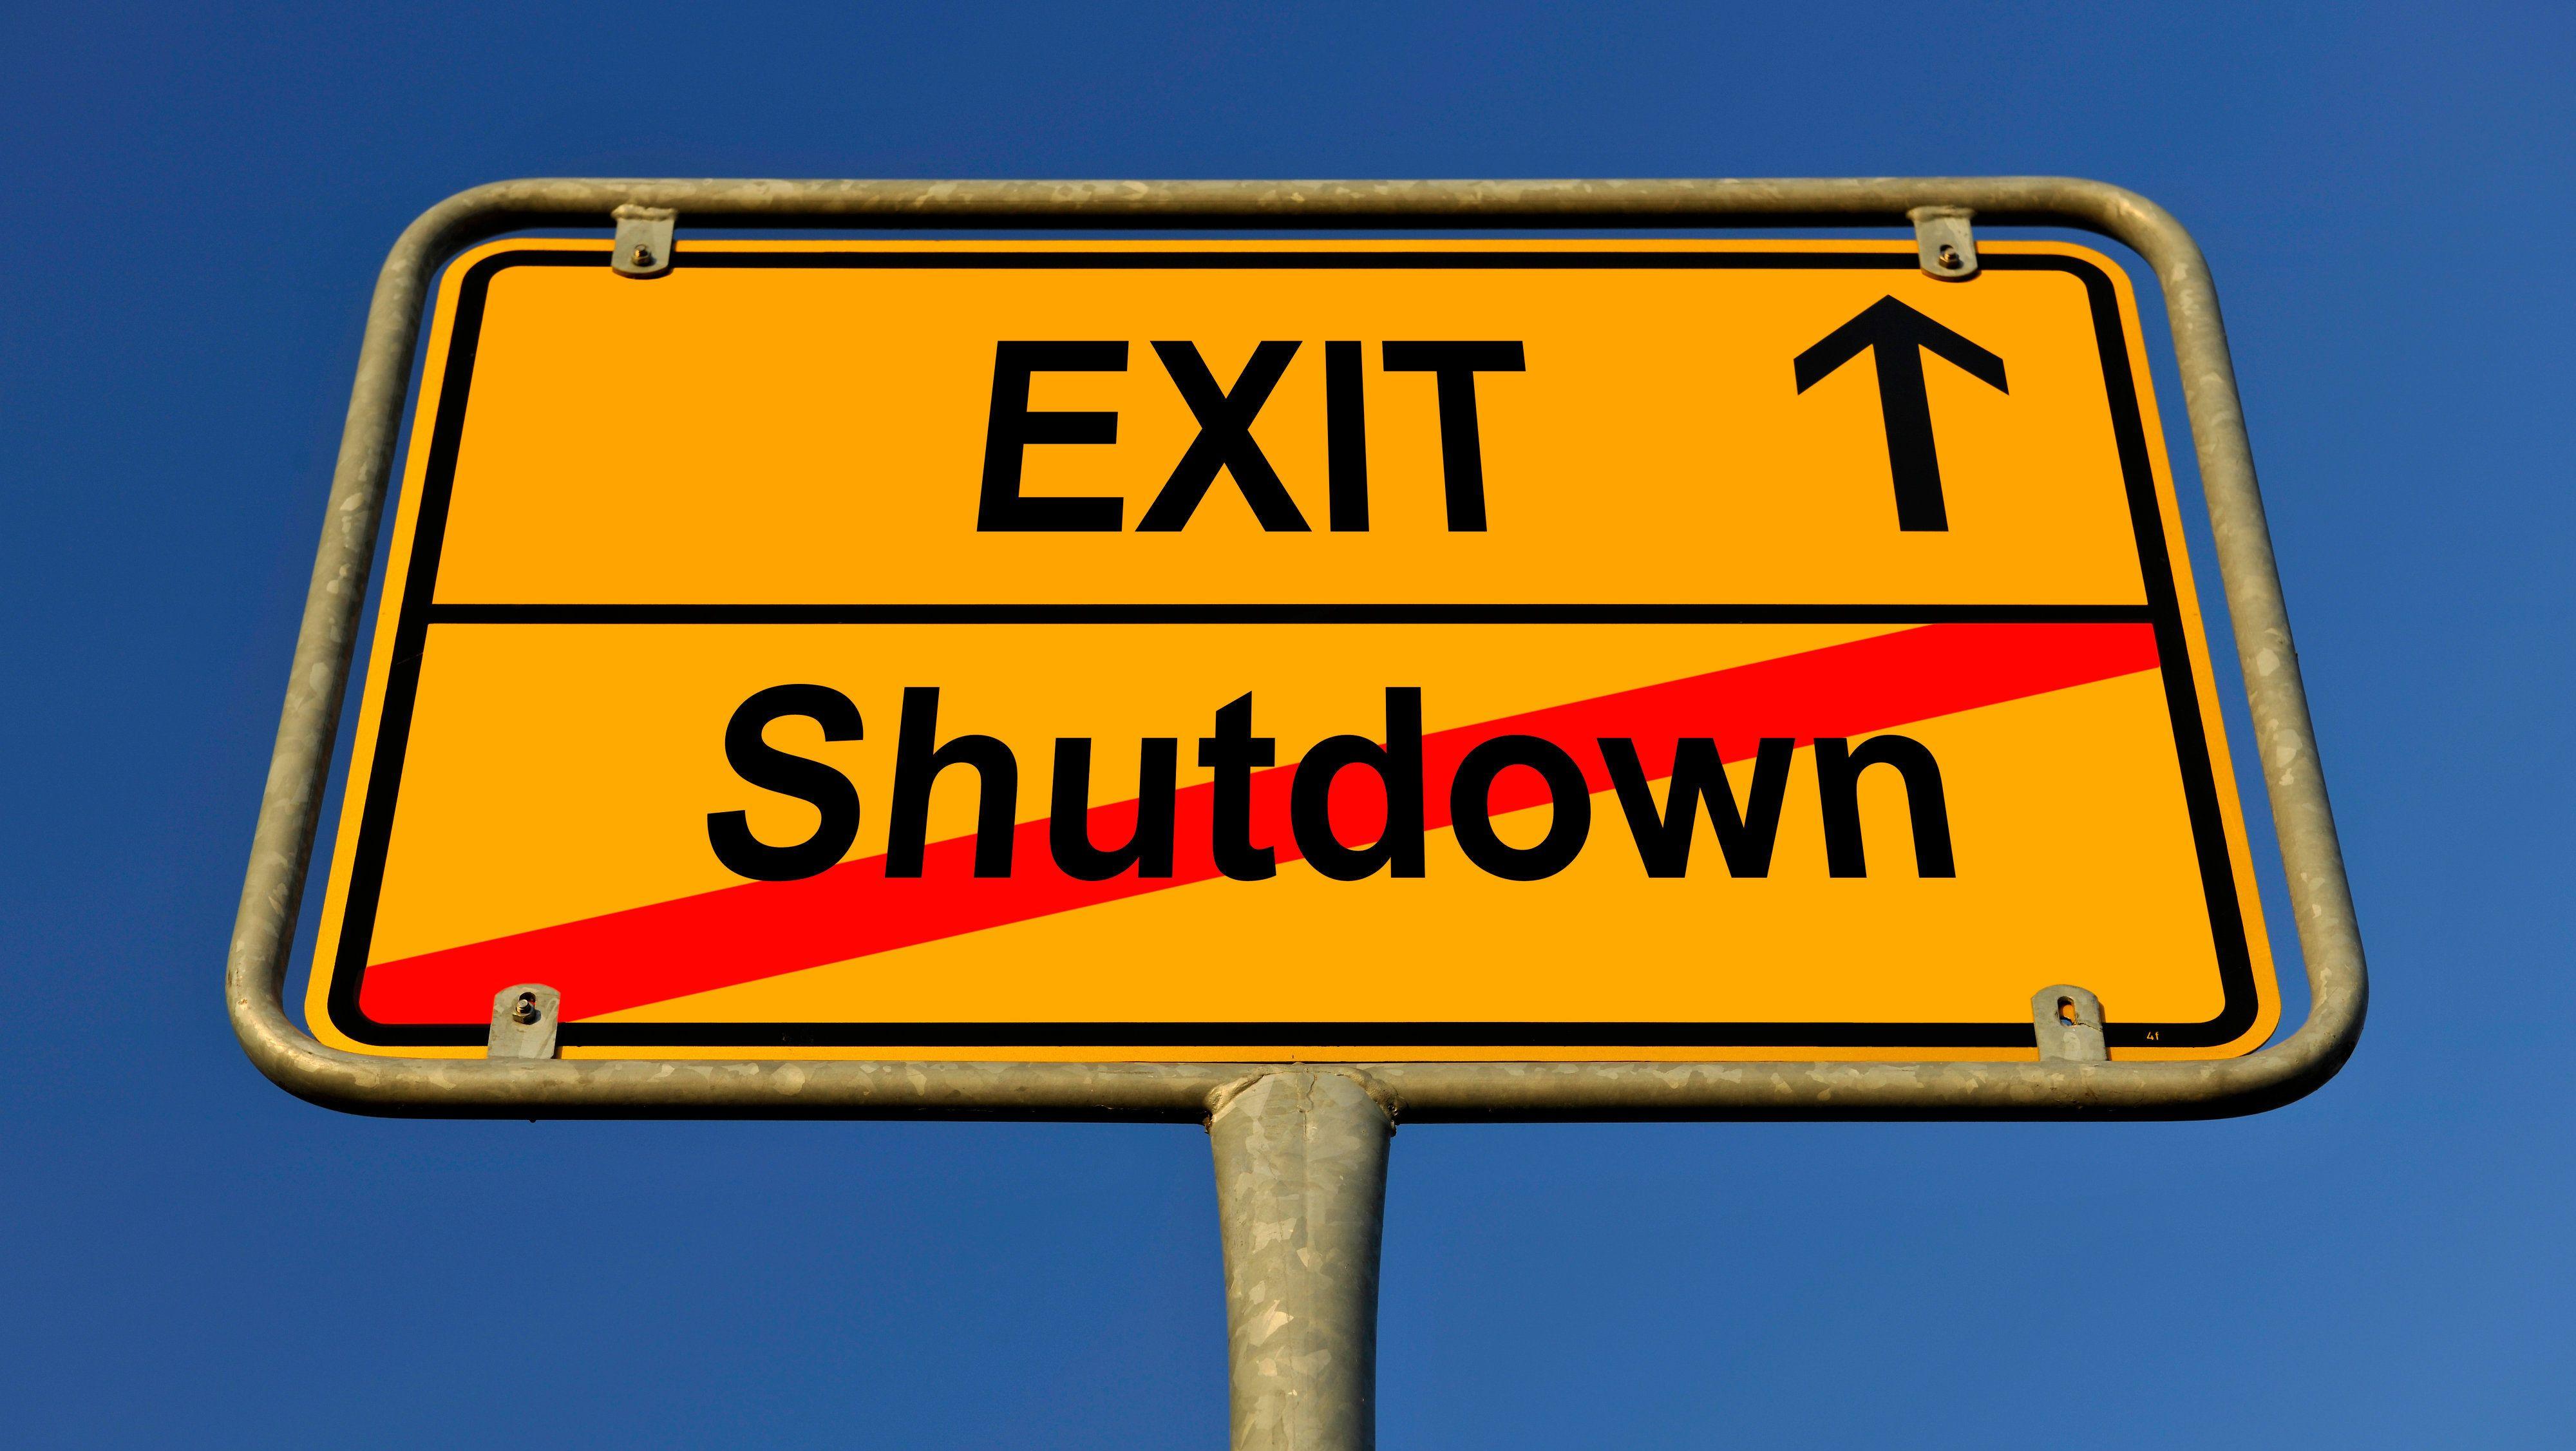 Zuhause bleiben und geduldig sein - das ist derzeit die Devise. Doch mögliche Auswege aus dem Corona-Shutdown werden bereits diskutiert.